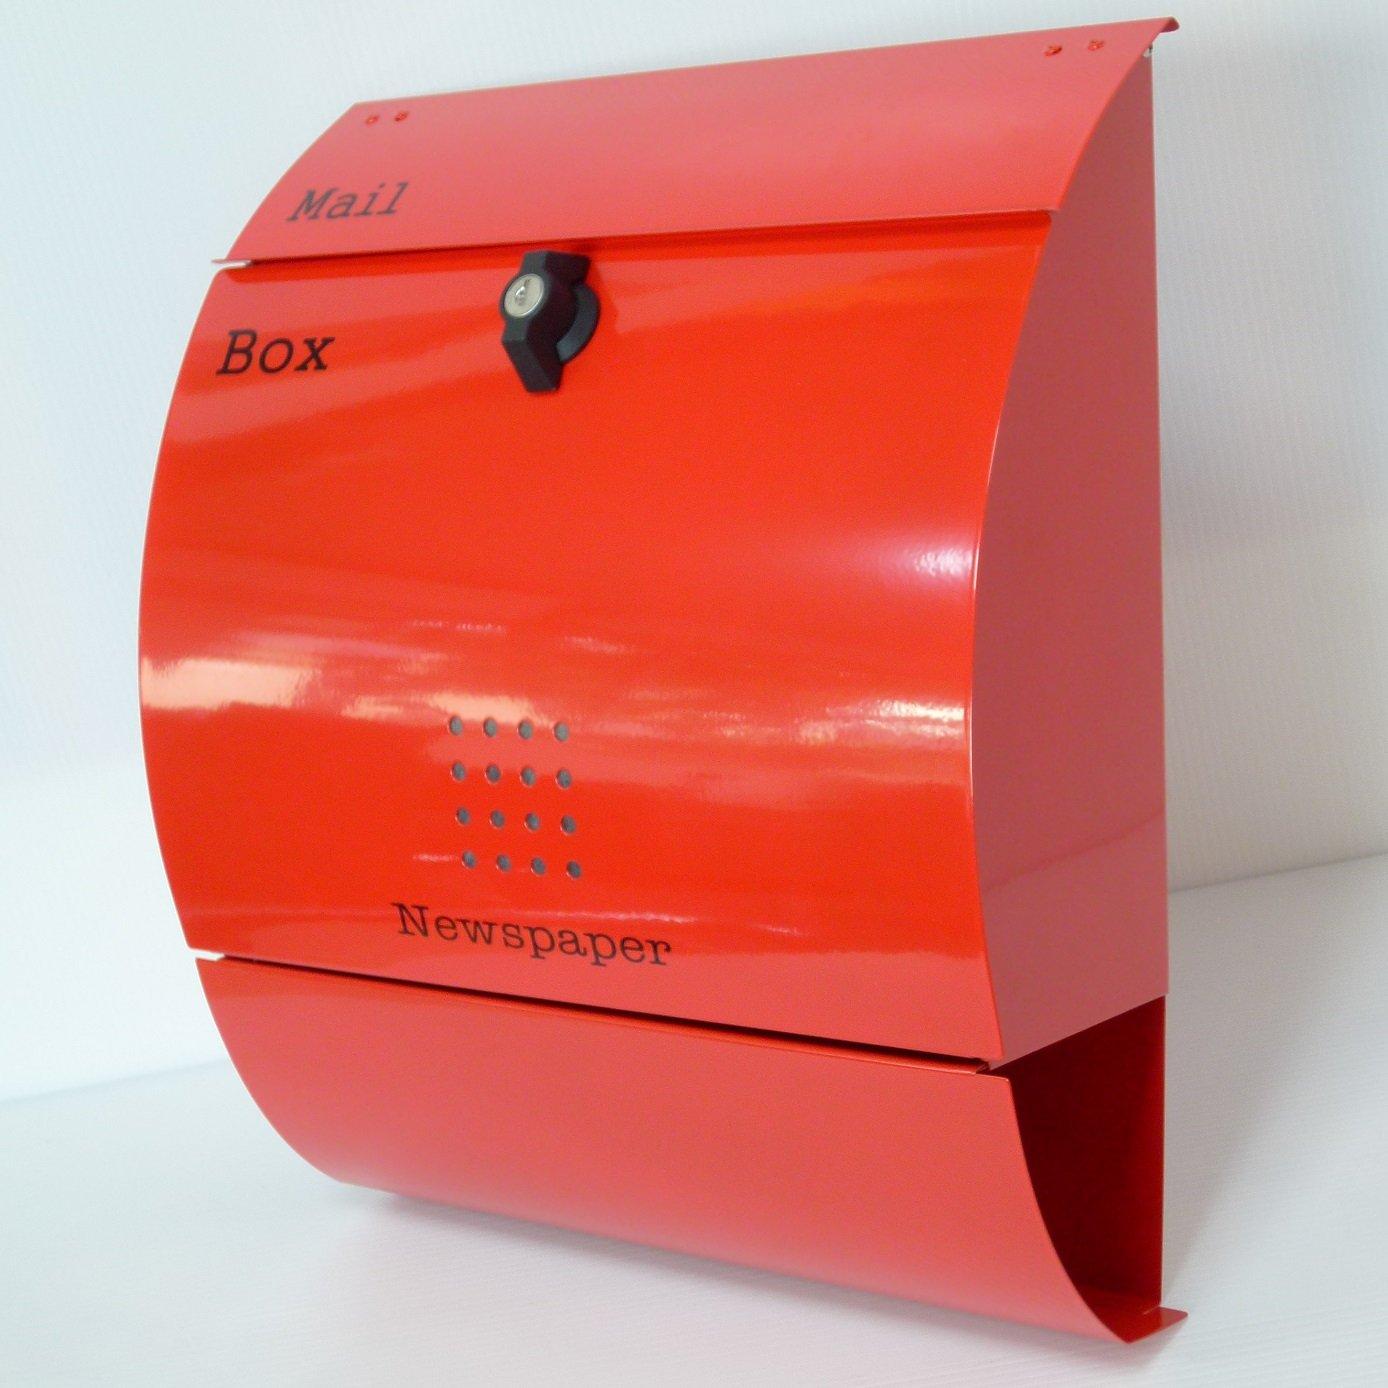 郵便ポスト郵便受け北欧風大型メールボックス 壁掛けプレミアムステンレス レッド赤色ポストpm034 B018NNWLT8 12880